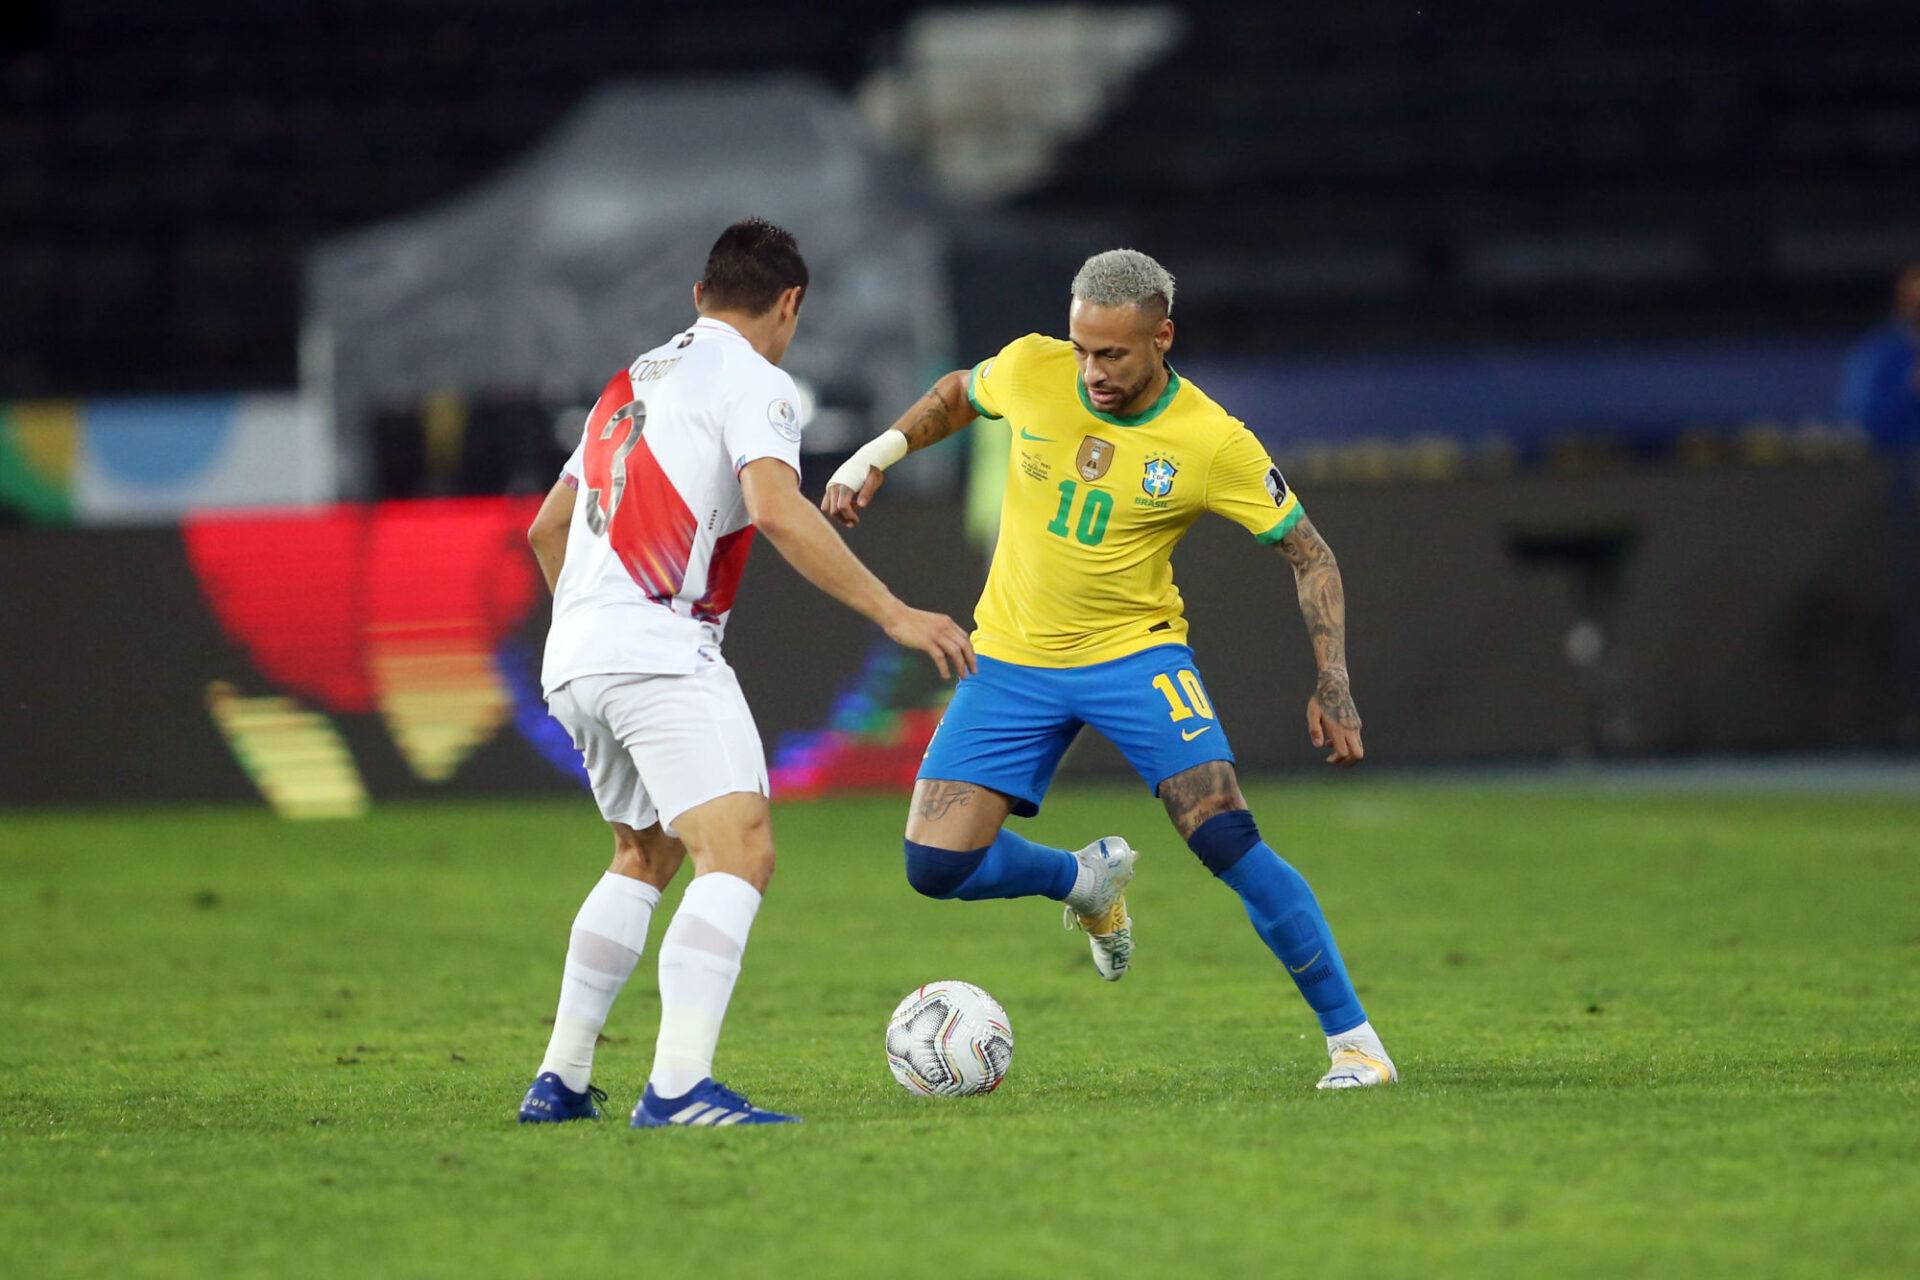 Arrêter Neymar balle au pied ? Le Pérou a tenté... Leandro Paredes saura-t-il mener à bien cette mission avec l'Argentine ? Icon Sport